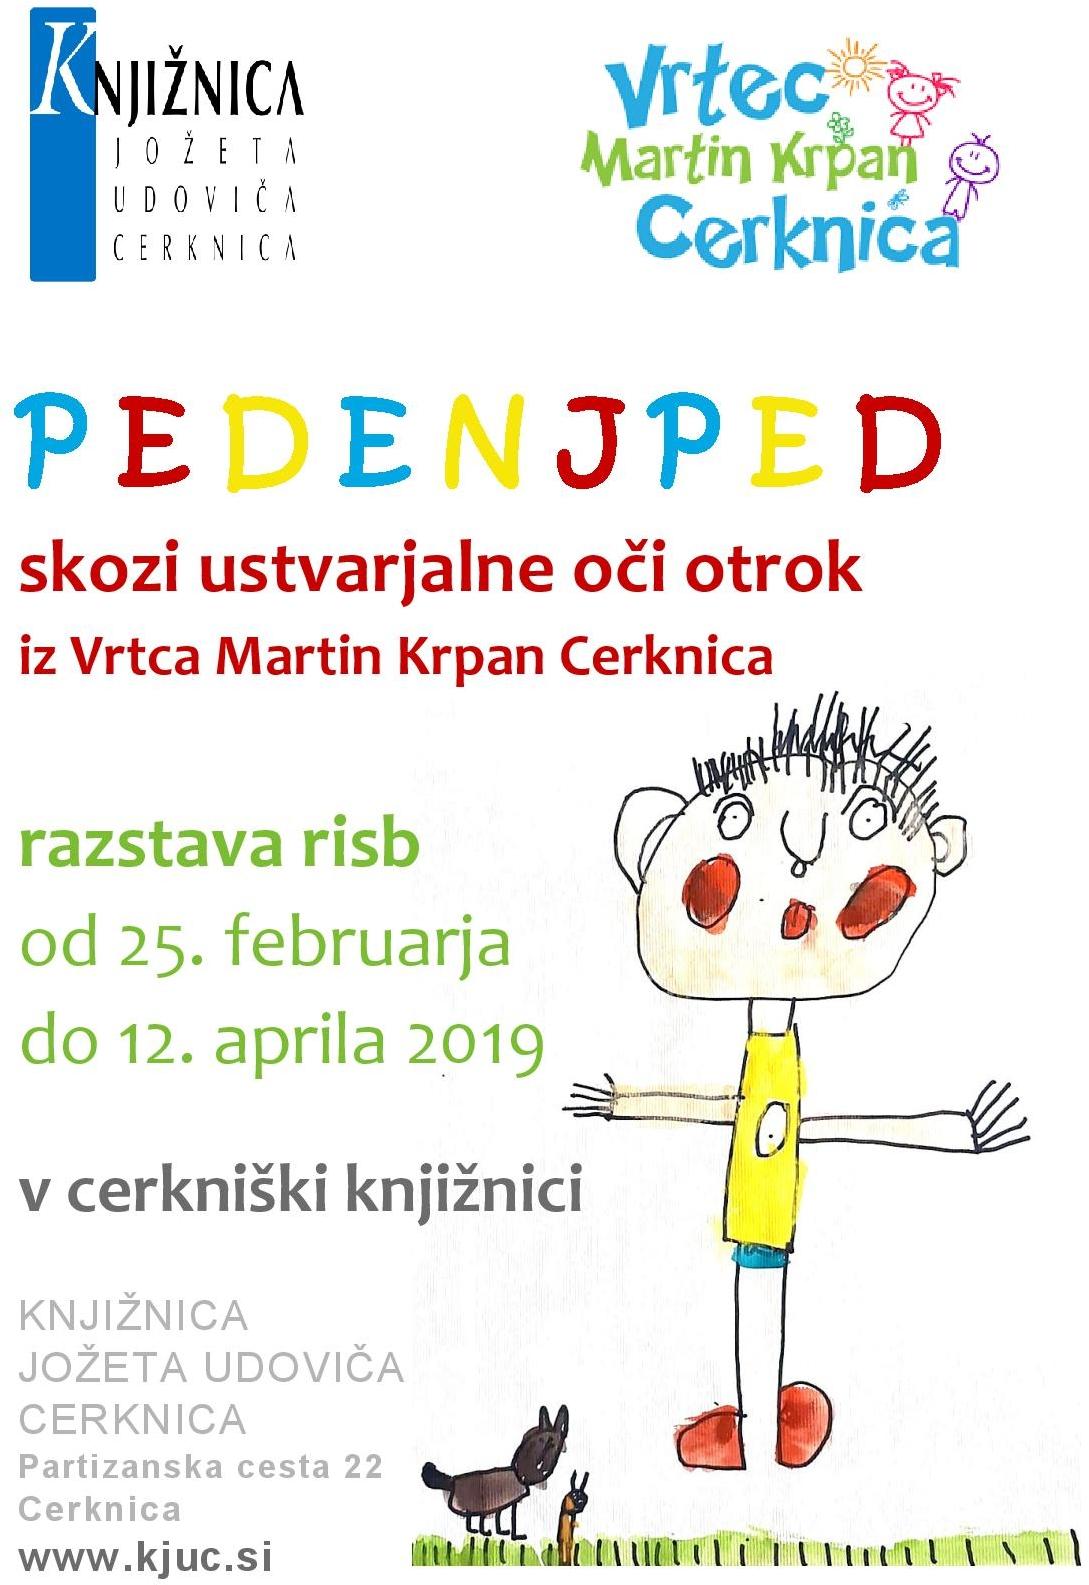 PEDENJPED vabilo page 001 - Pedenjped skozi ustvarjalne oči otrok iz Vrtca Martin Krpan Cerknica